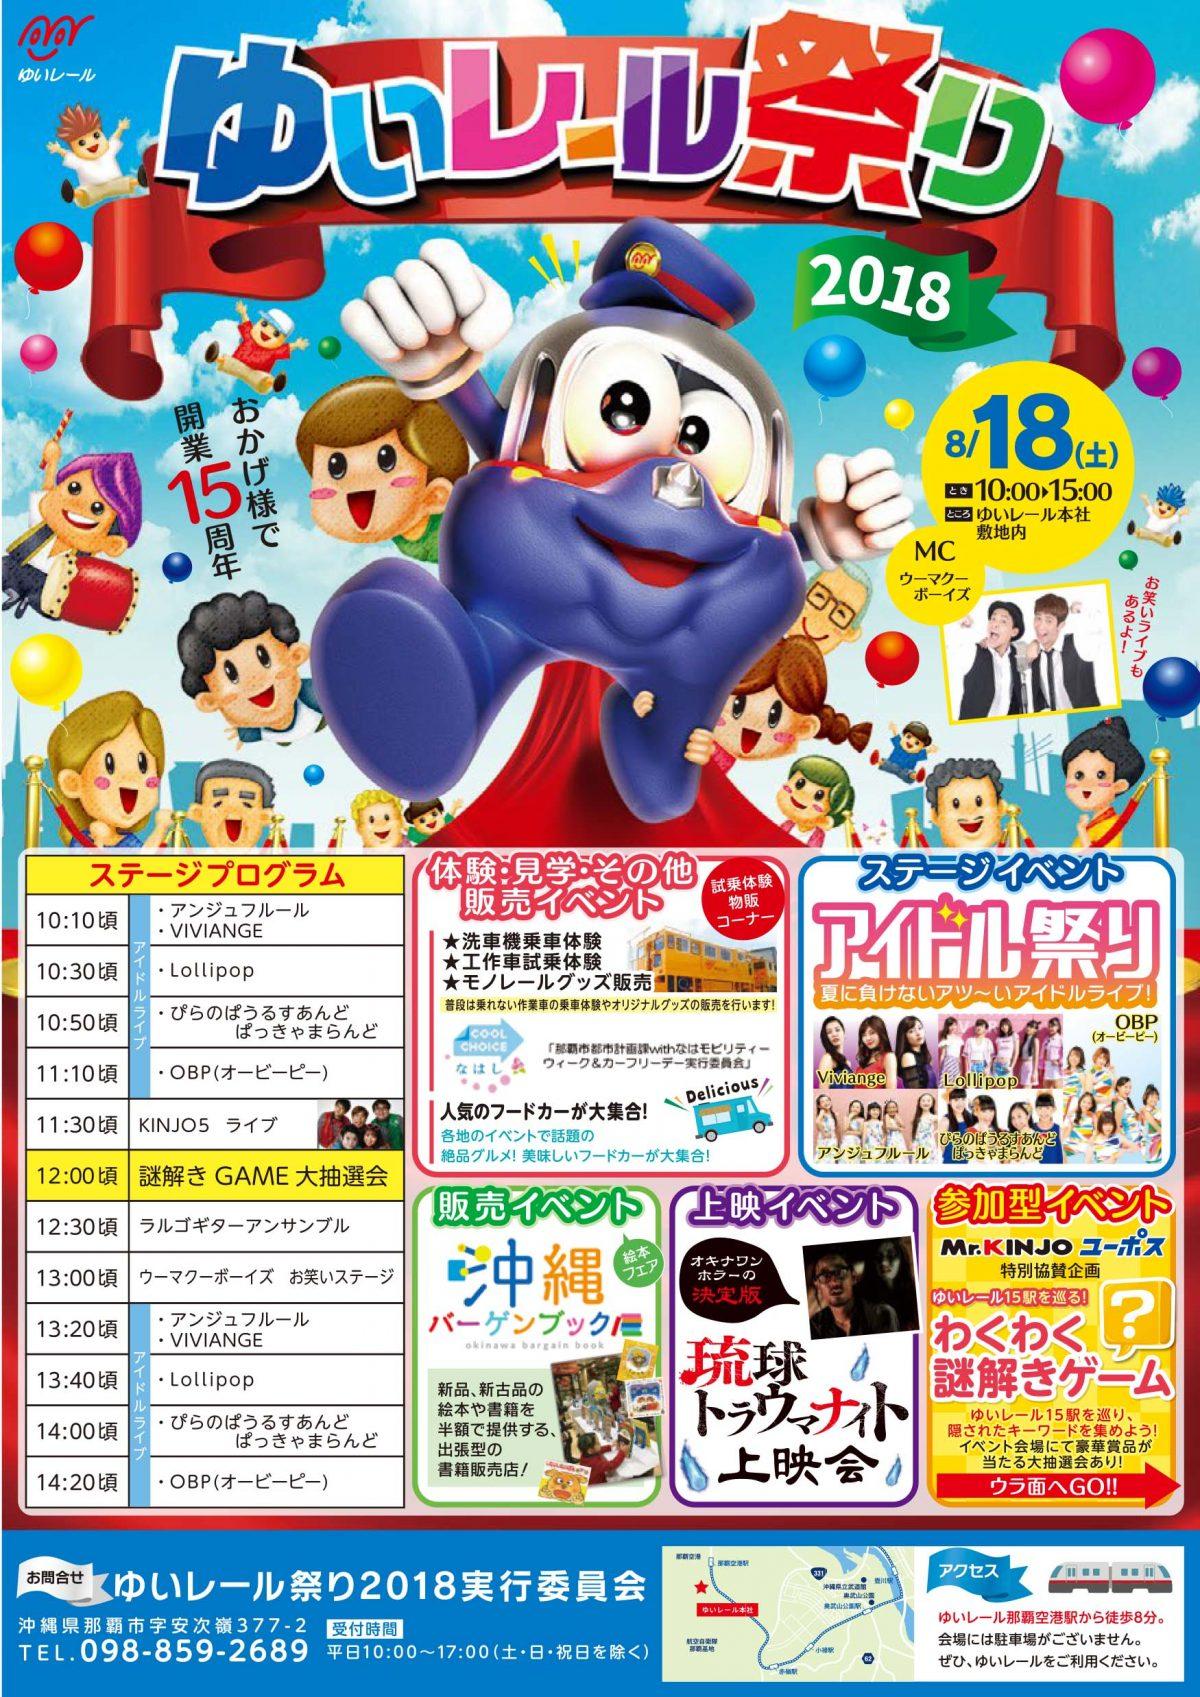 「 ゆいレール祭り2018」に似顔絵で出ます! 8月18日(土)開催!